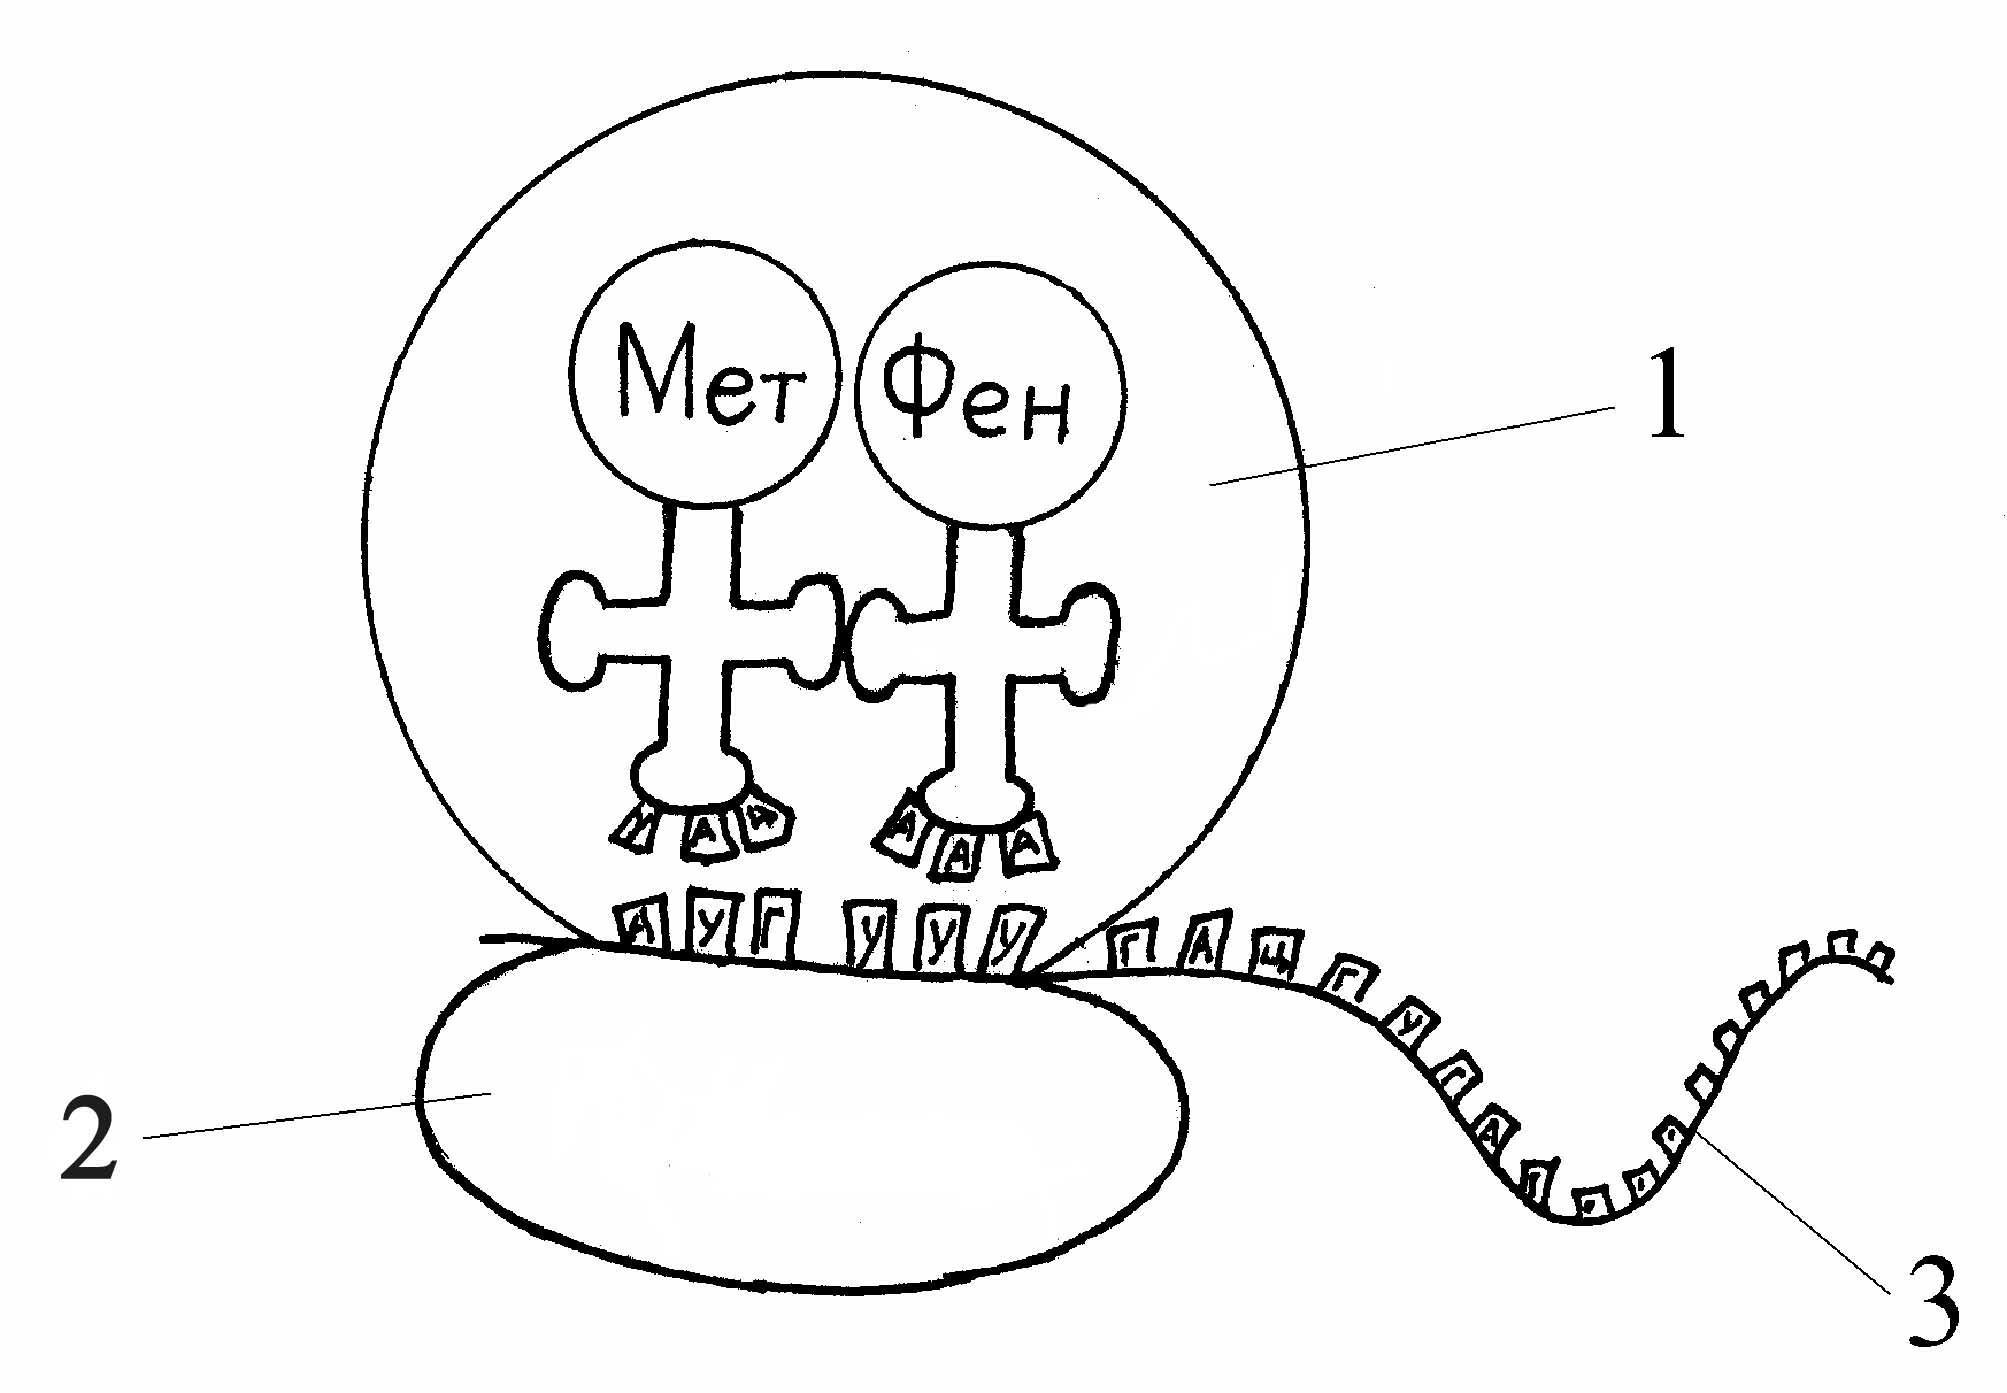 Что такое органоид? Строение и функции органоидов. Органоиды растительной клетки. Органоиды животной клетки || Все органоиды по цитологии